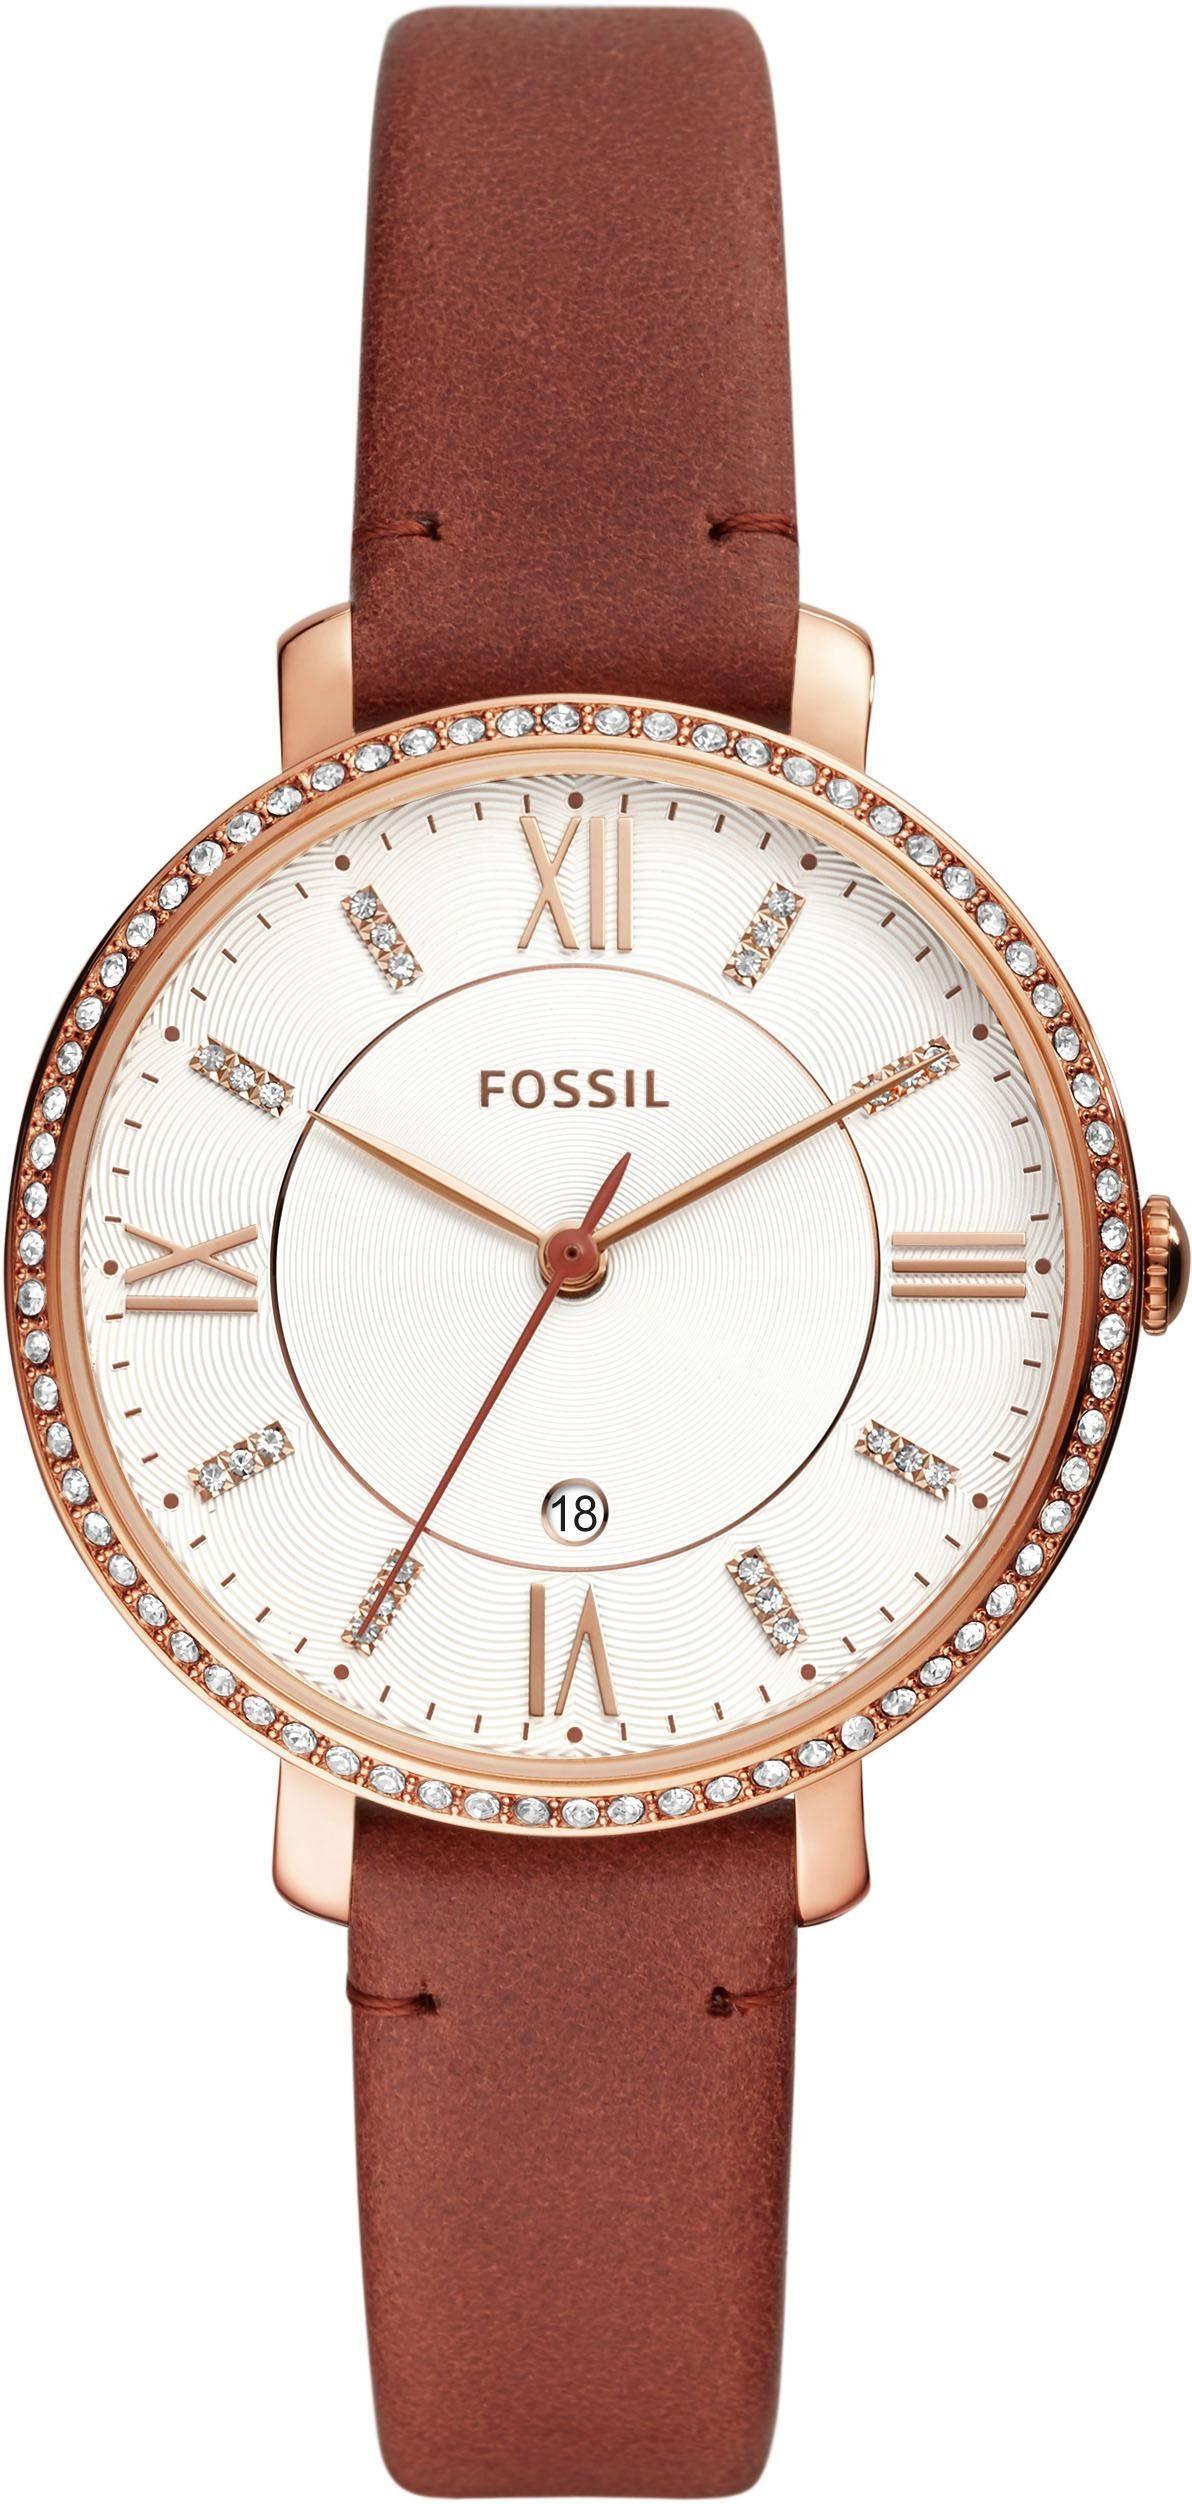 Fossil Quarzuhr »JACQUELINE, ES4413«